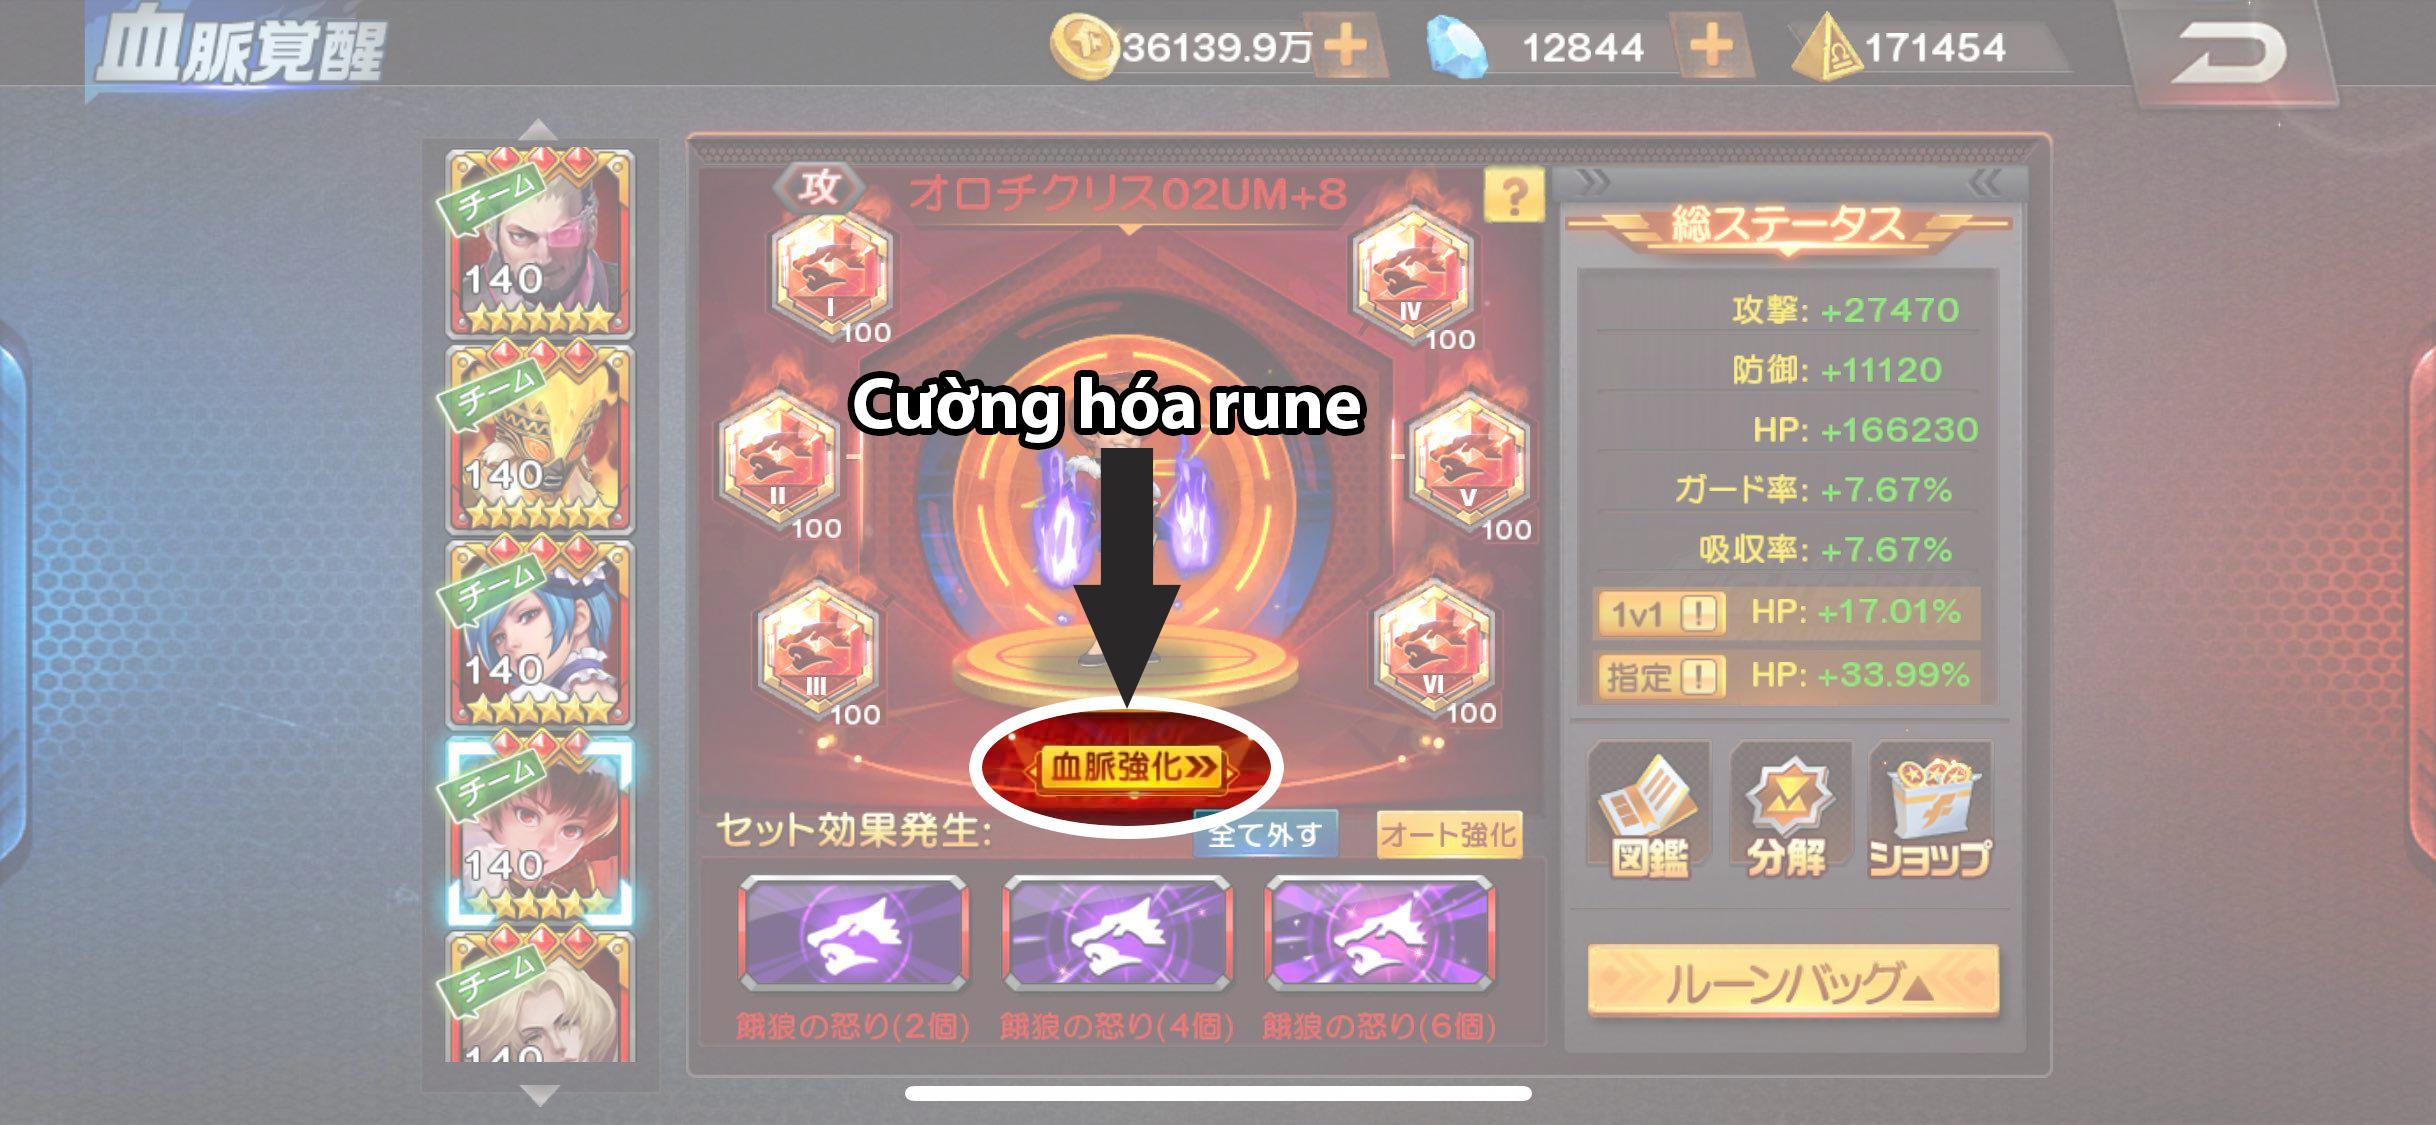 ch rune 1